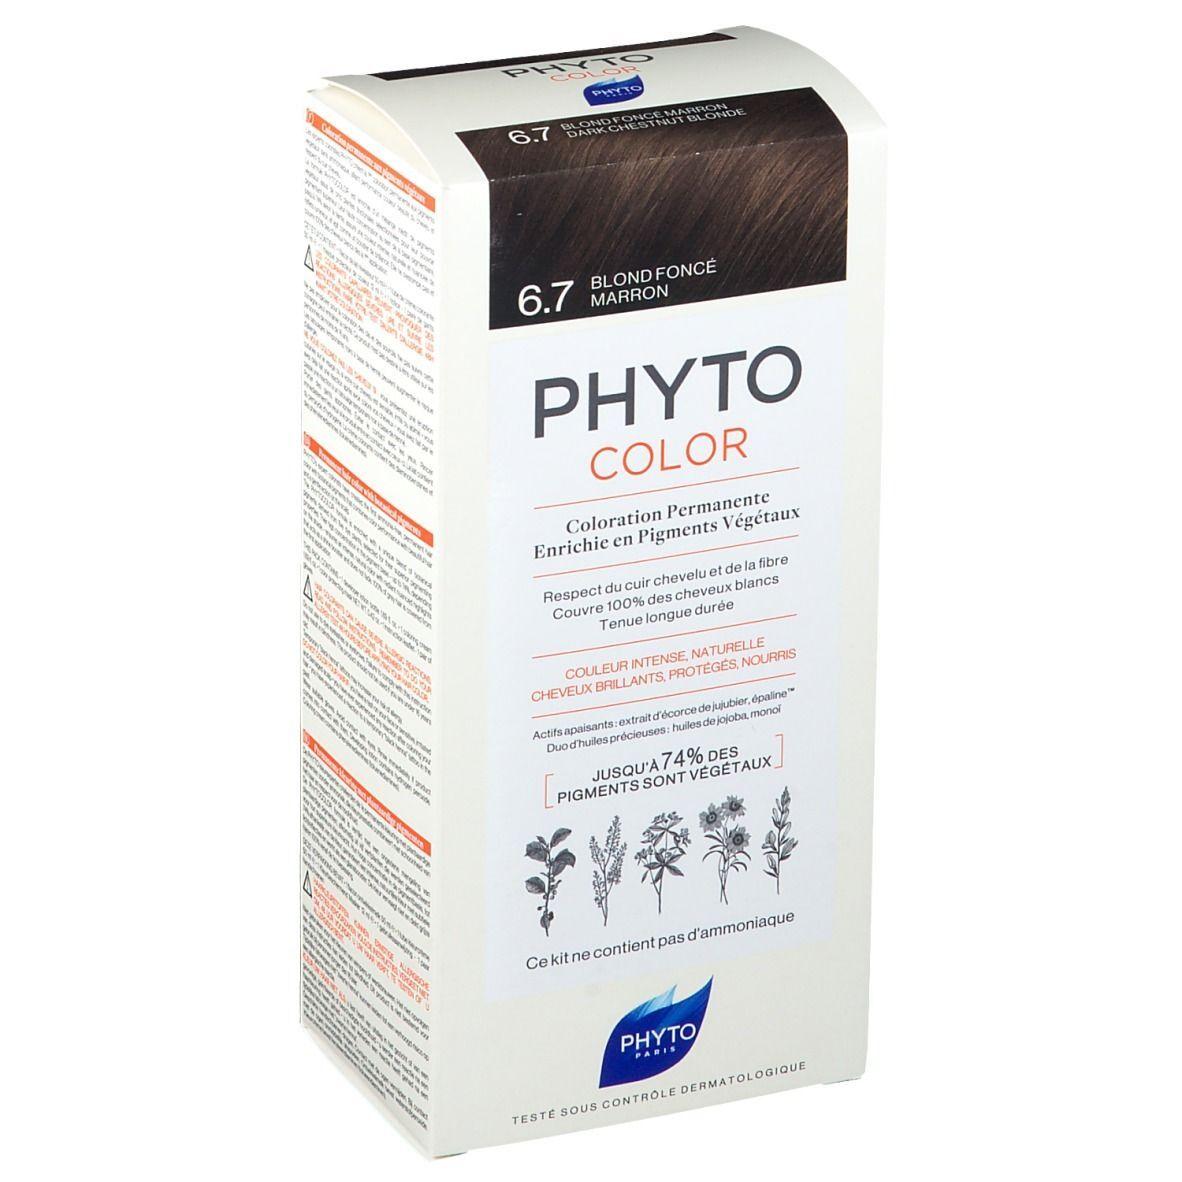 PHYTOCOLOR 6.7 Blond foncé marron pc(s) crème